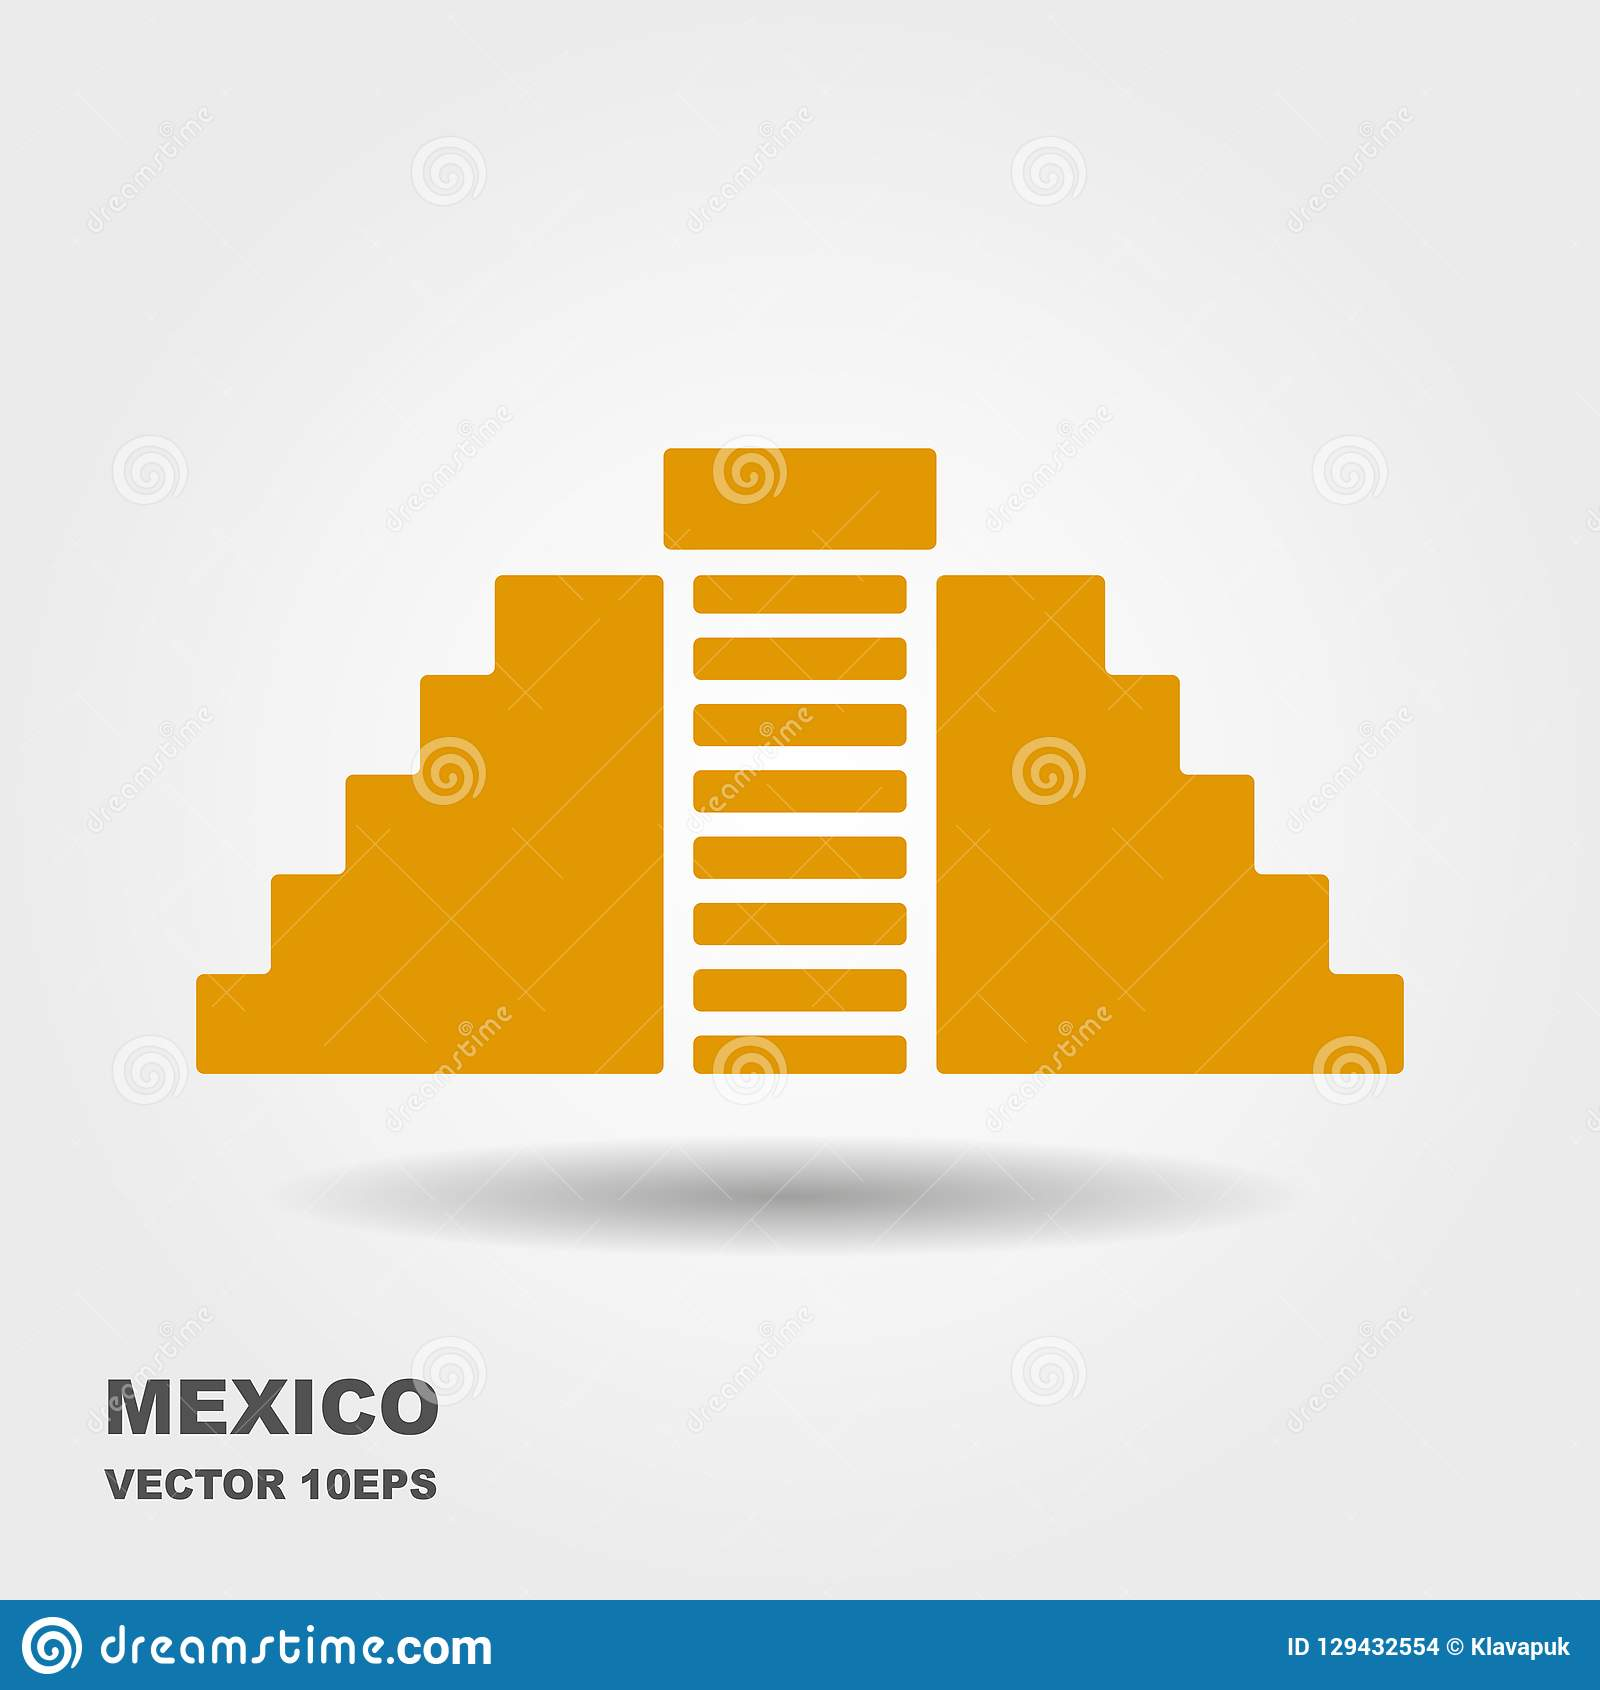 Vector vlak Pictogram van Chichen Itza, Mexico Geïsoleerdj op witte achtergrond